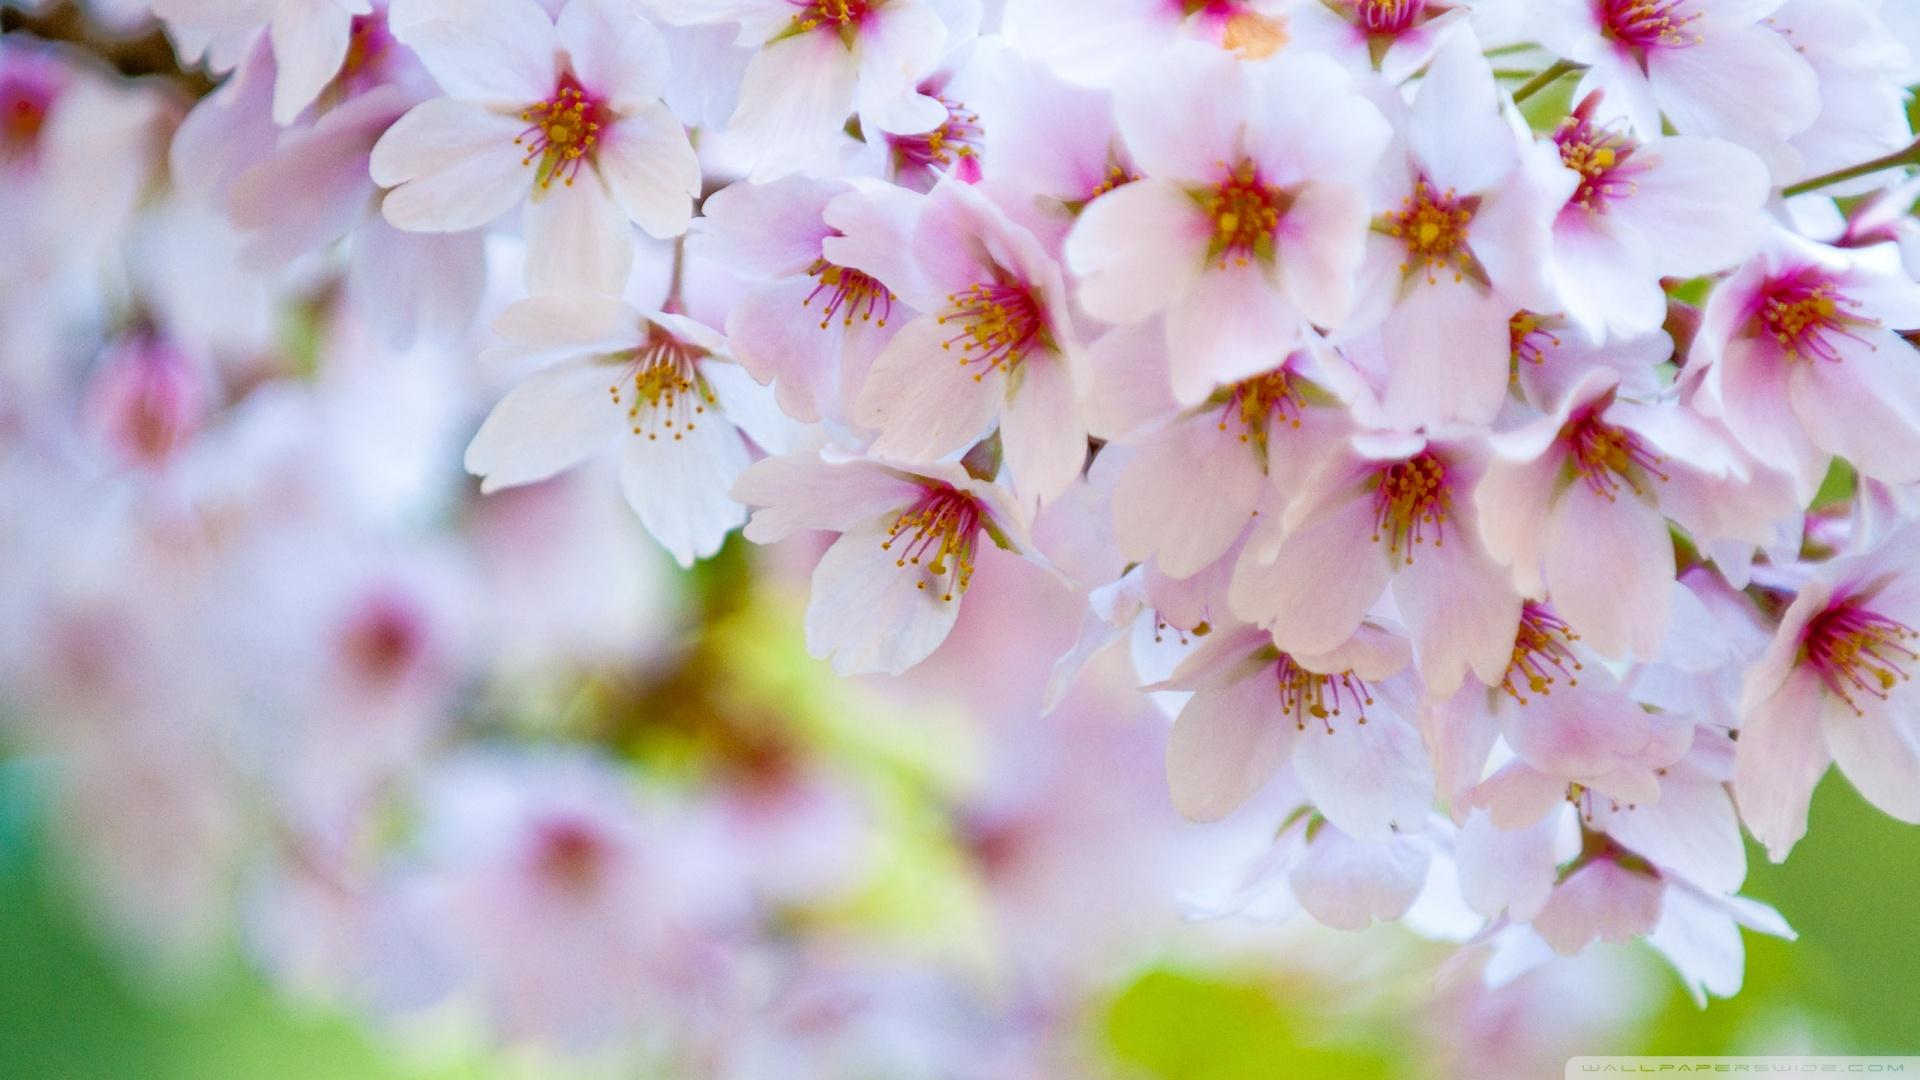 Spring Photos HD